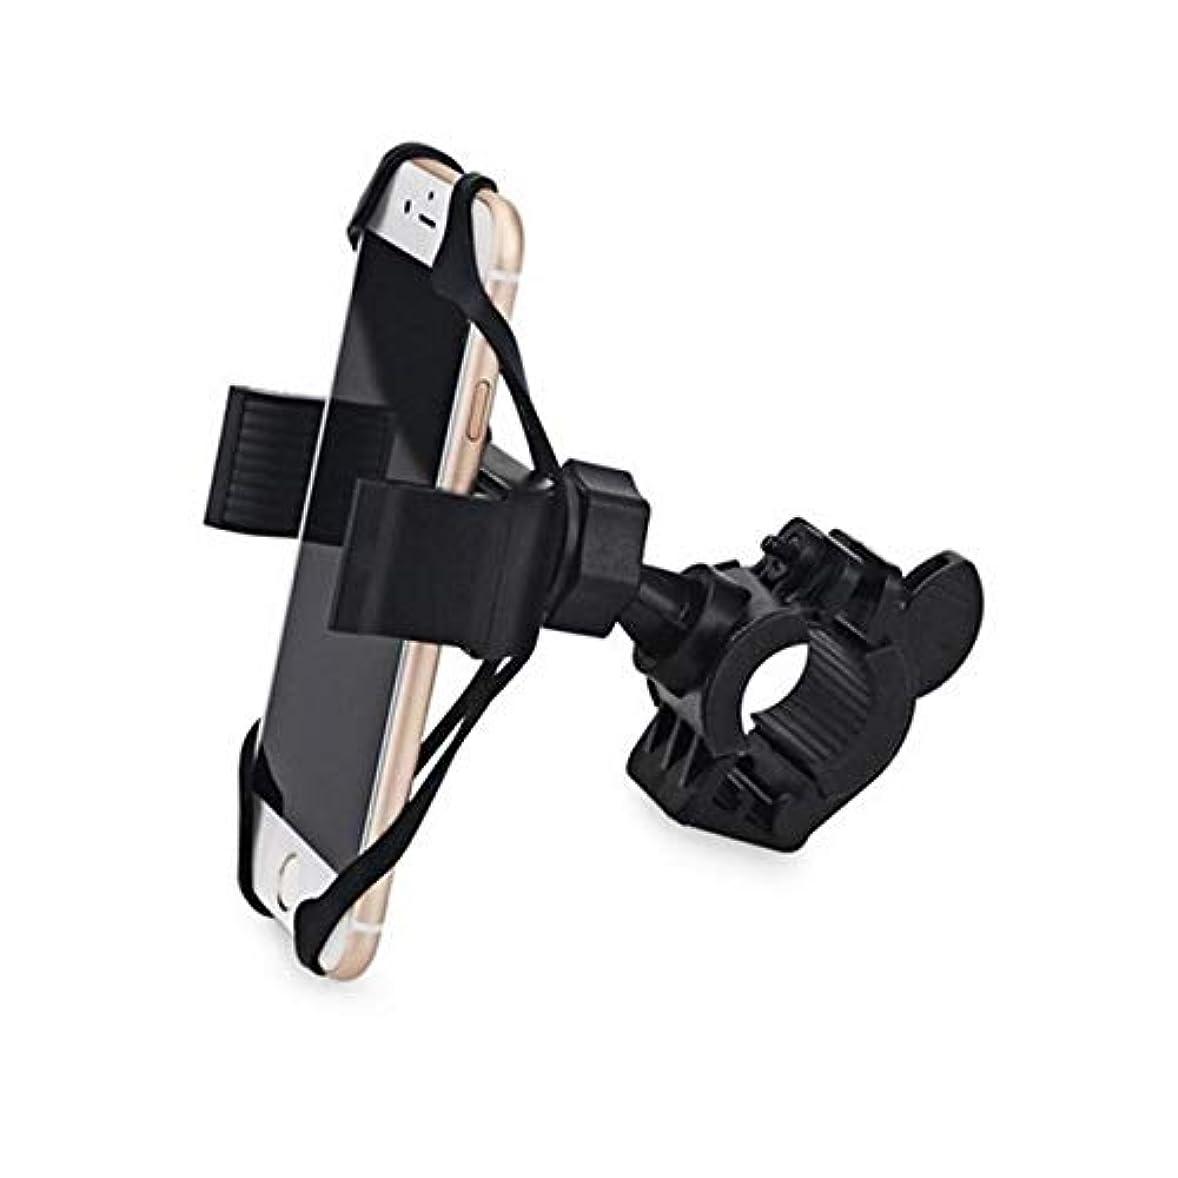 例外冊子宇宙自転車アクセサリー 360°の回転自転車自転車携帯電話ホルダーユニバーサル携帯電話ホルダーハンドルiphoneサムスンの携帯電話ホルダーのマウントクリップ アクセサリーホルダー